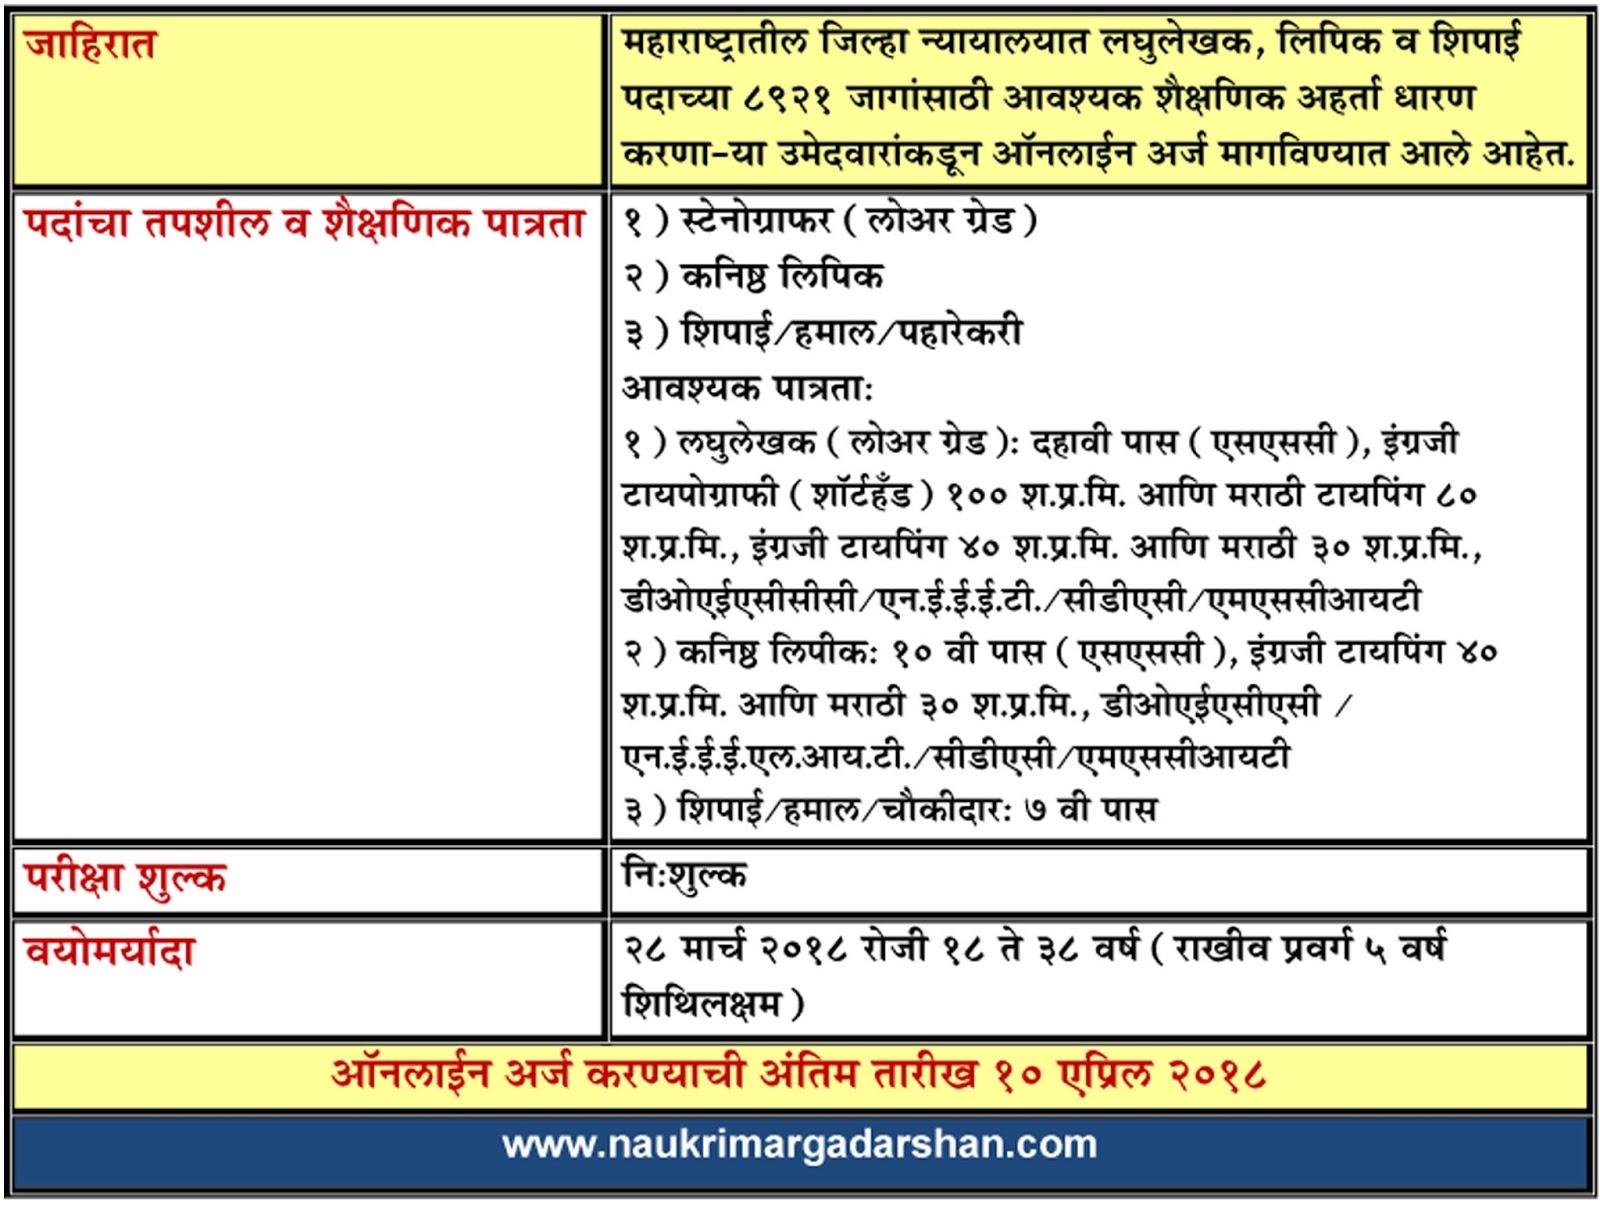 clerk bharti, shipai bharti, court clerk bharti, court shipai bharti, shorthand, stenographer vacancies